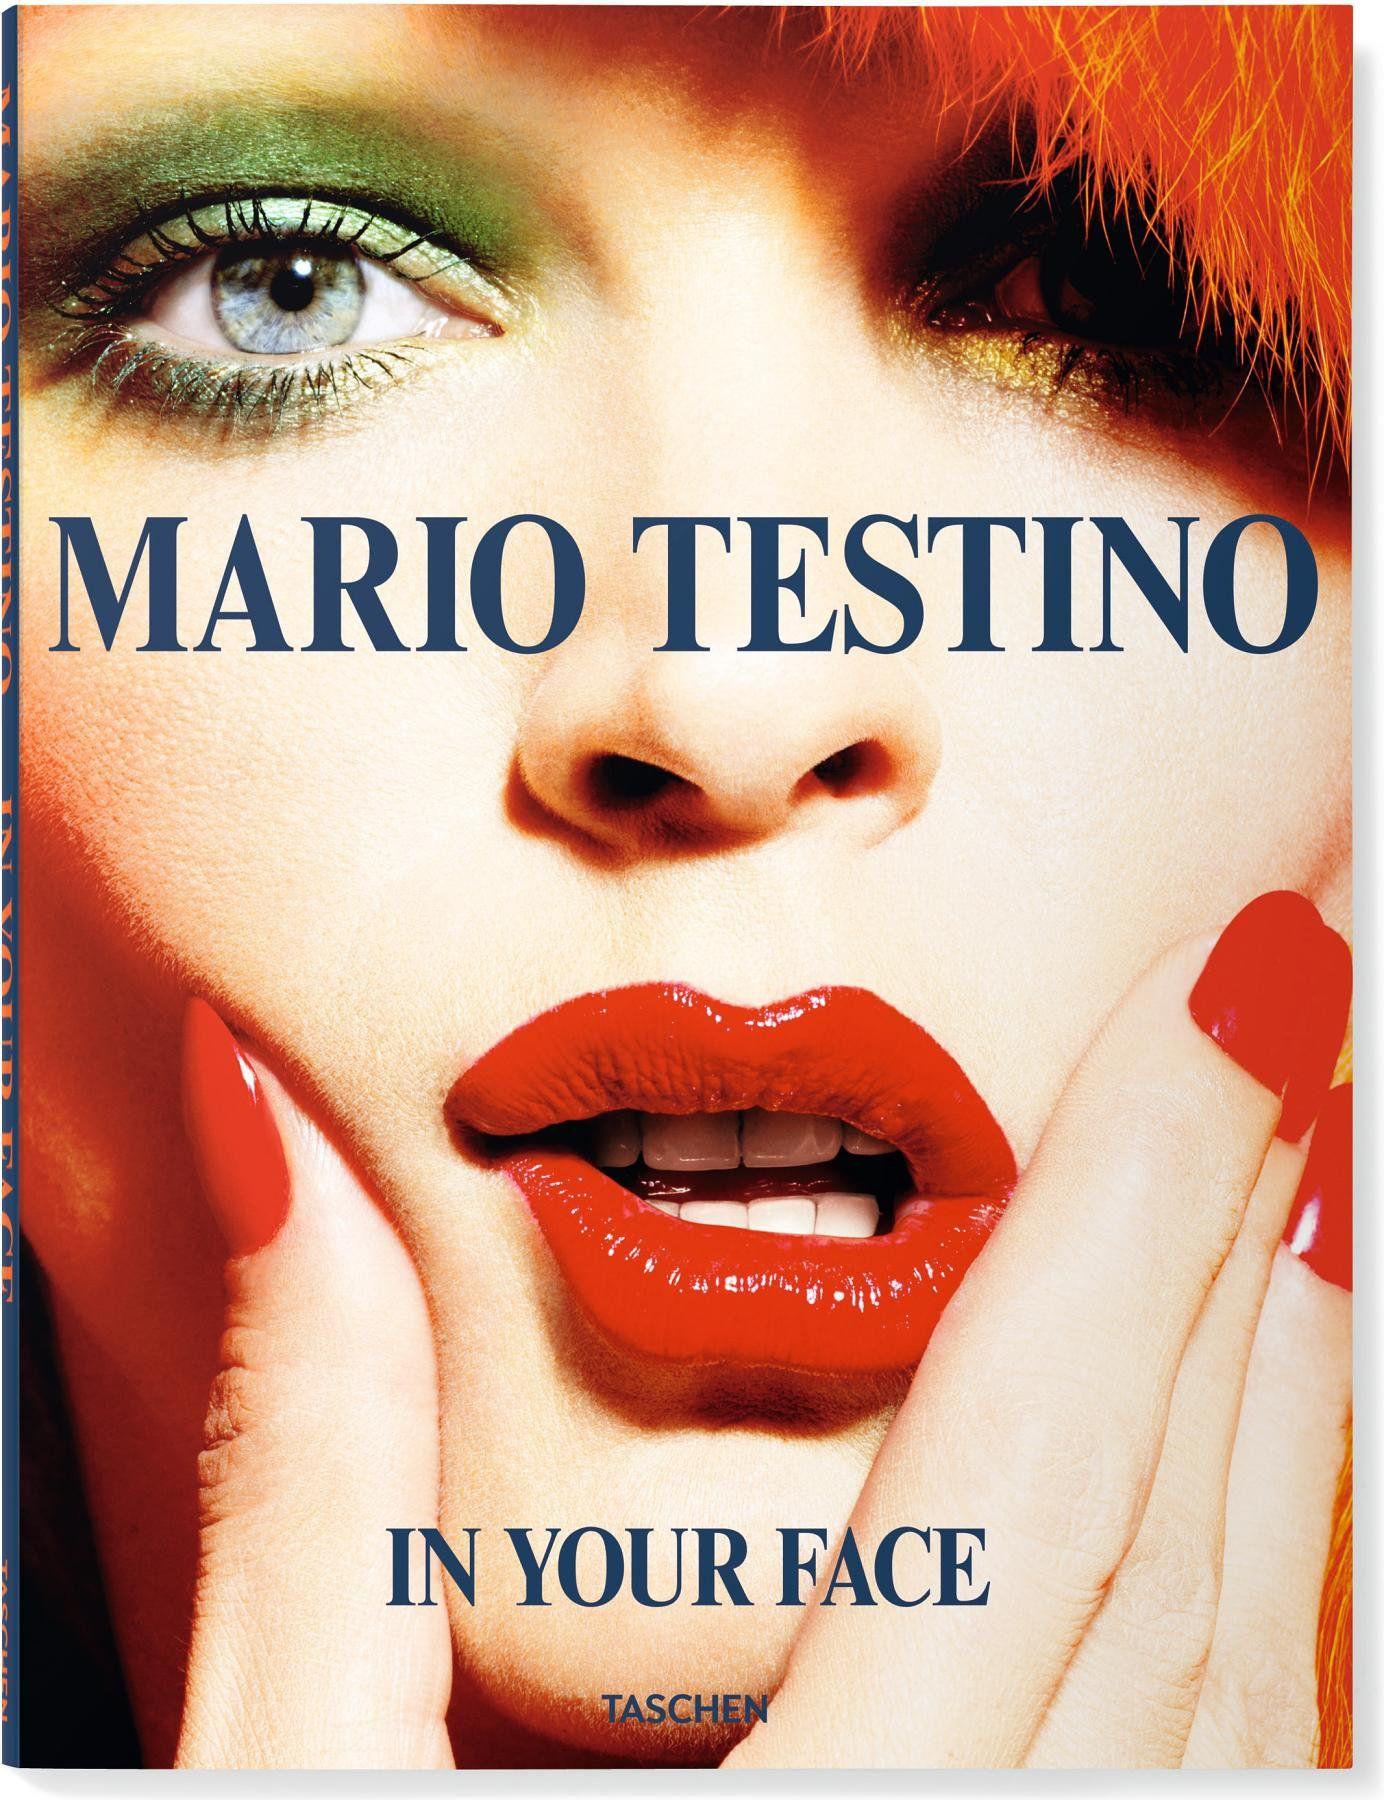 Mario Testino: In Your Face